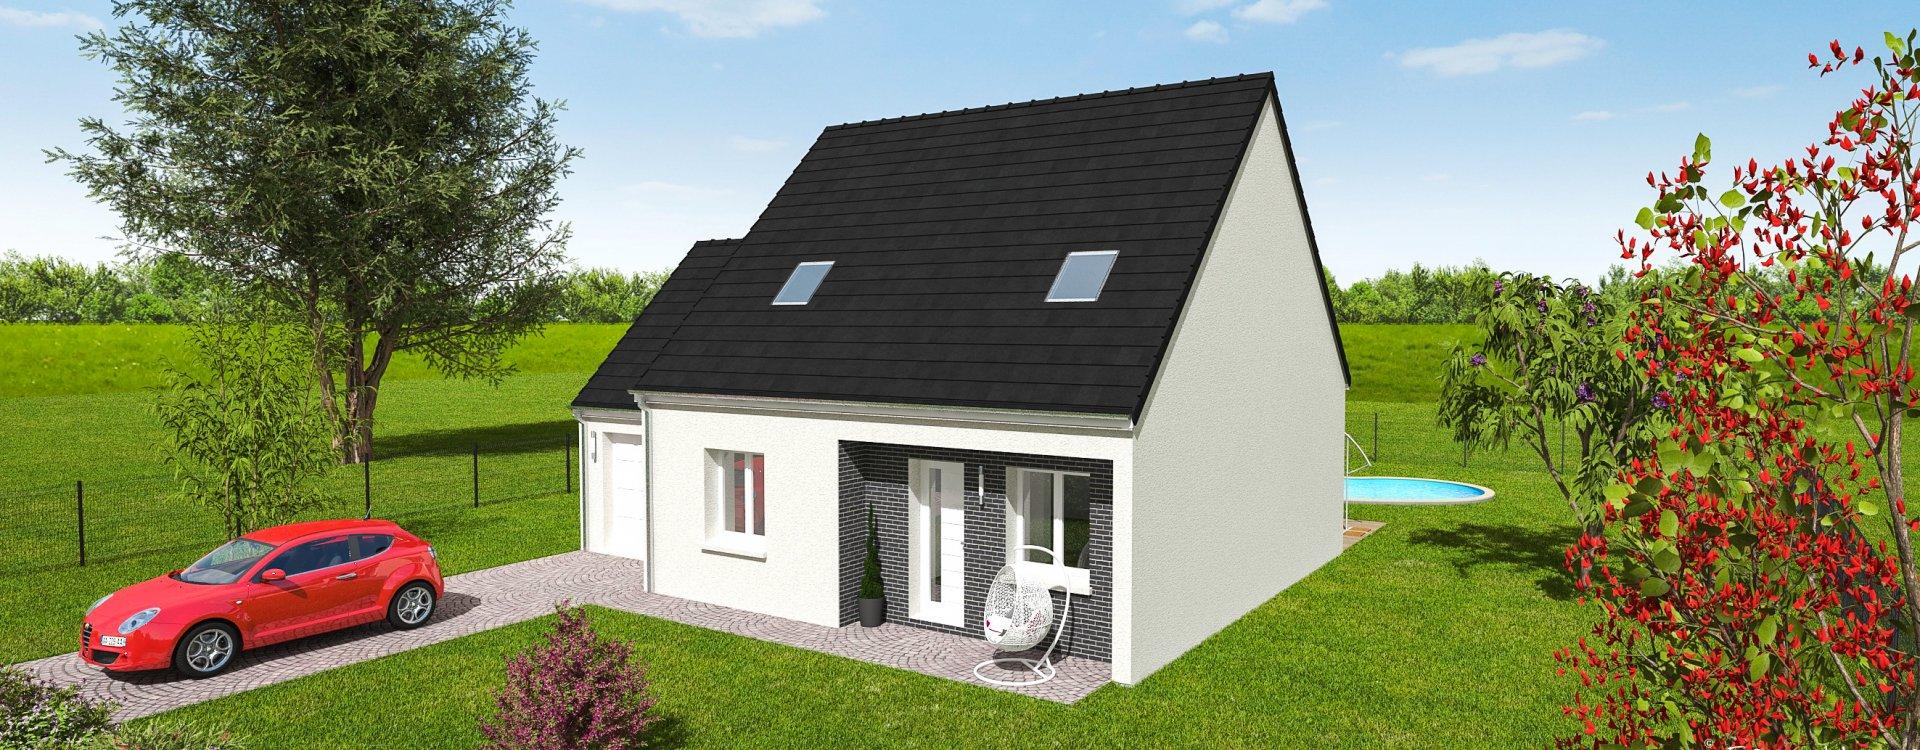 Maisons + Terrains du constructeur EASY HOUSE • 59 m² • CHATEAUNEUF SUR LOIRE